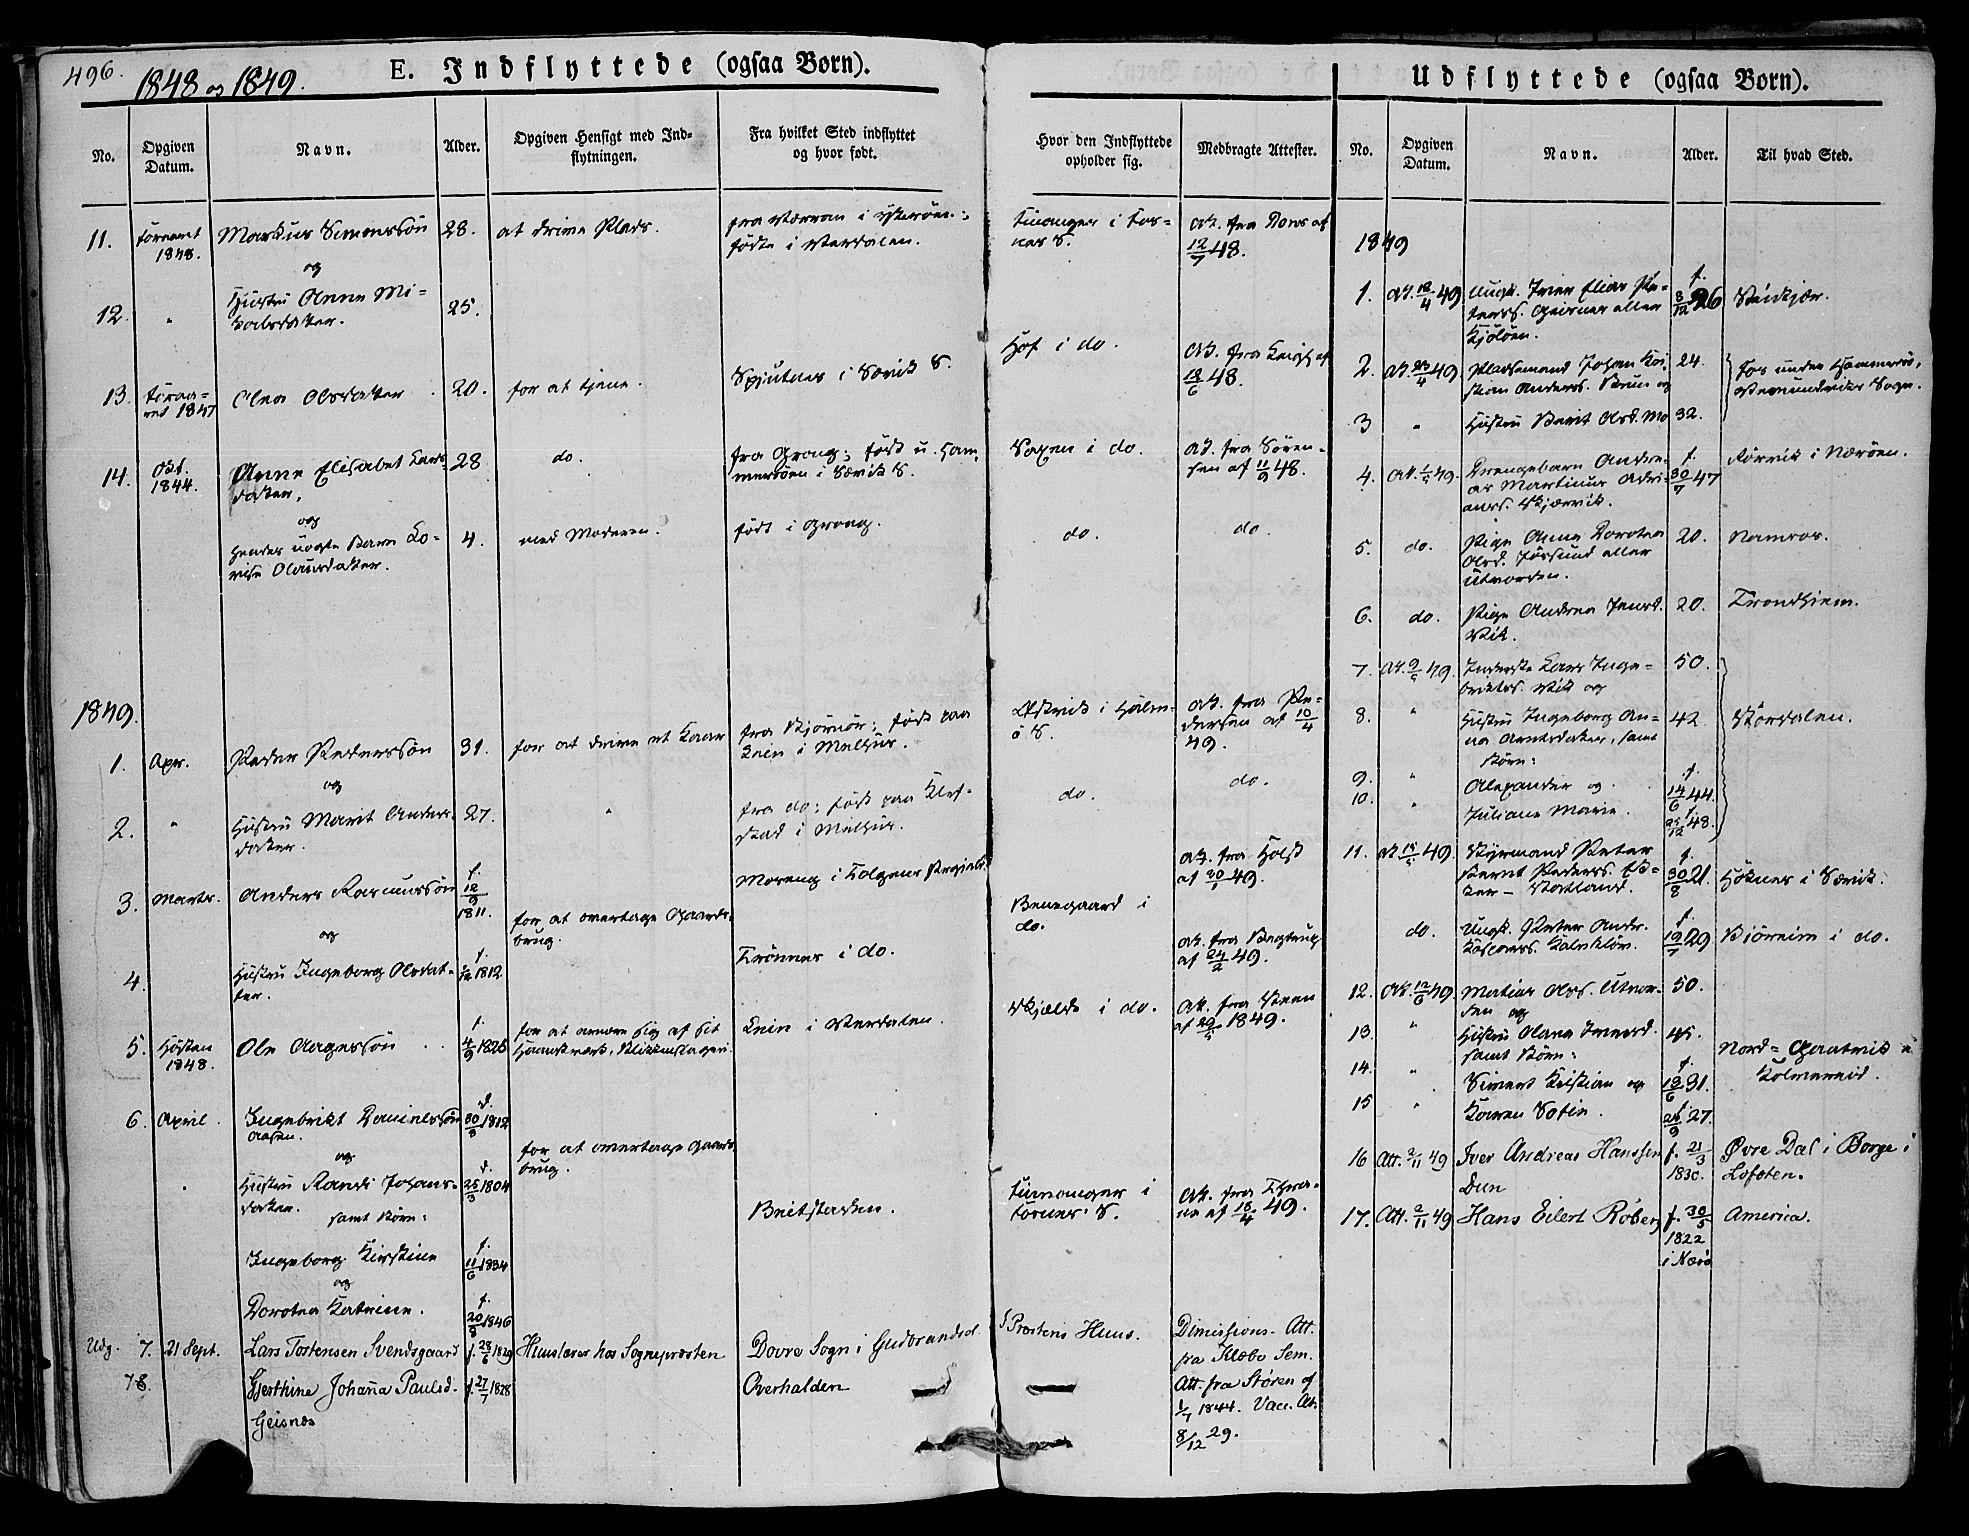 SAT, Ministerialprotokoller, klokkerbøker og fødselsregistre - Nord-Trøndelag, 773/L0614: Ministerialbok nr. 773A05, 1831-1856, s. 496